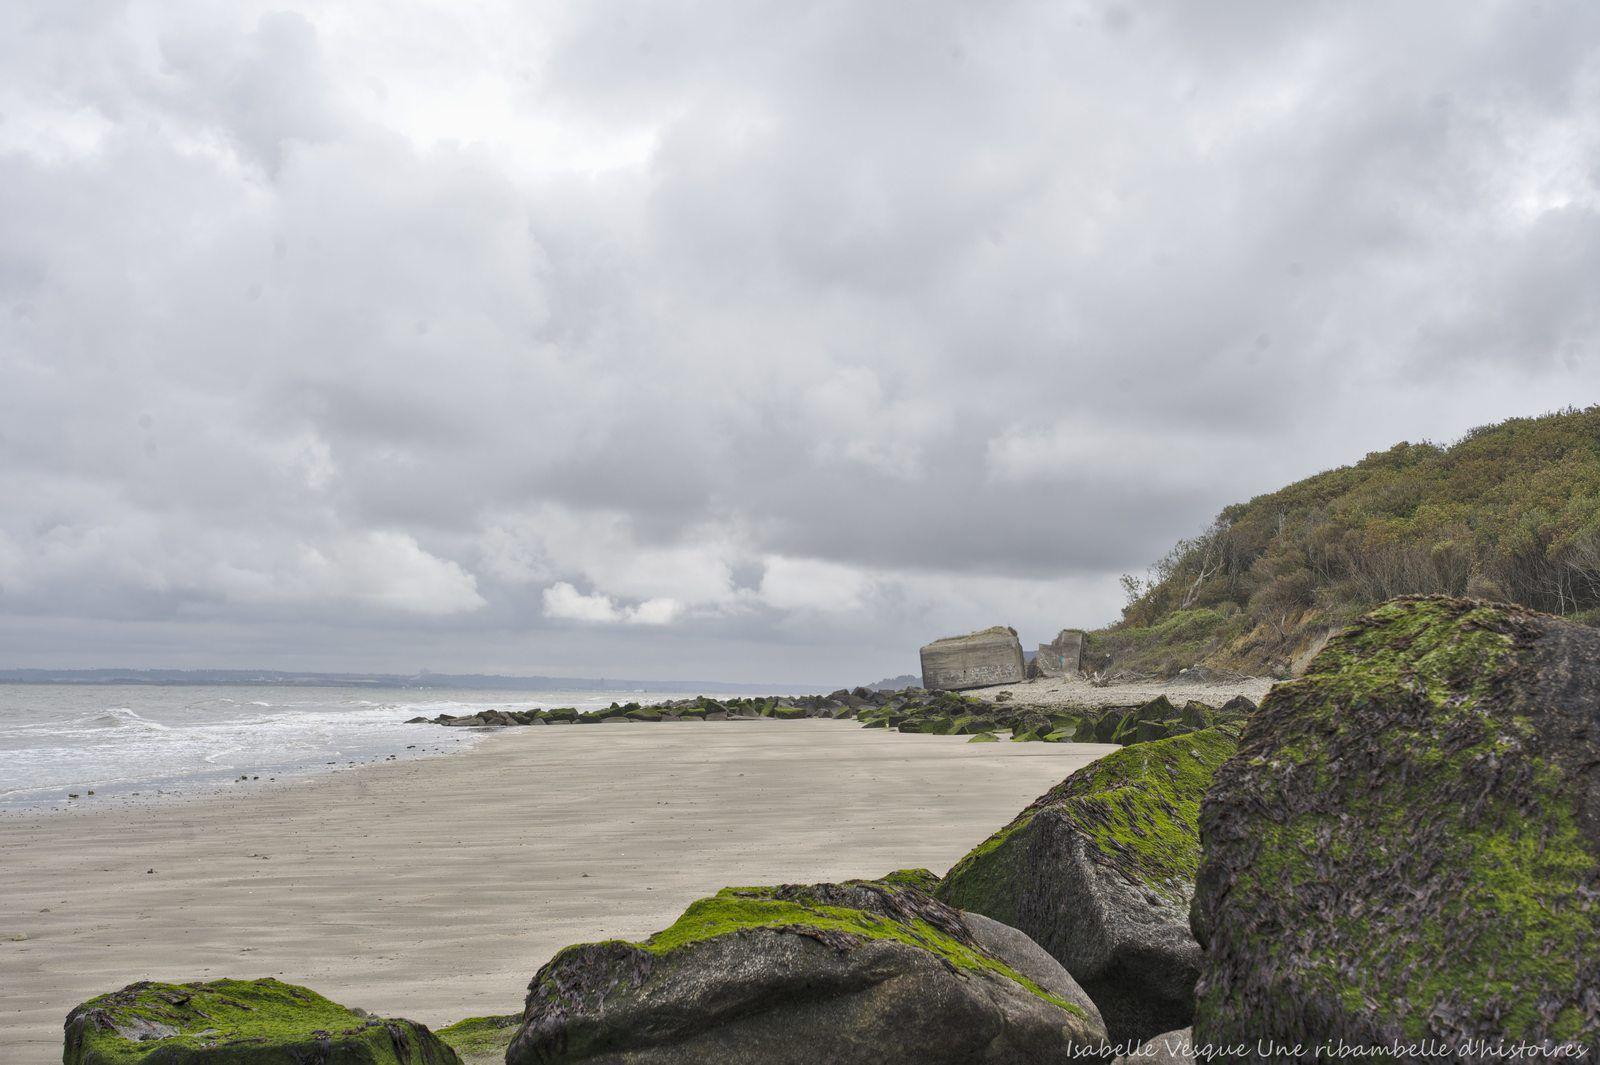 52 Semaines en photo en 2020 # 30 - Rochers, plage de Criqueboeuf